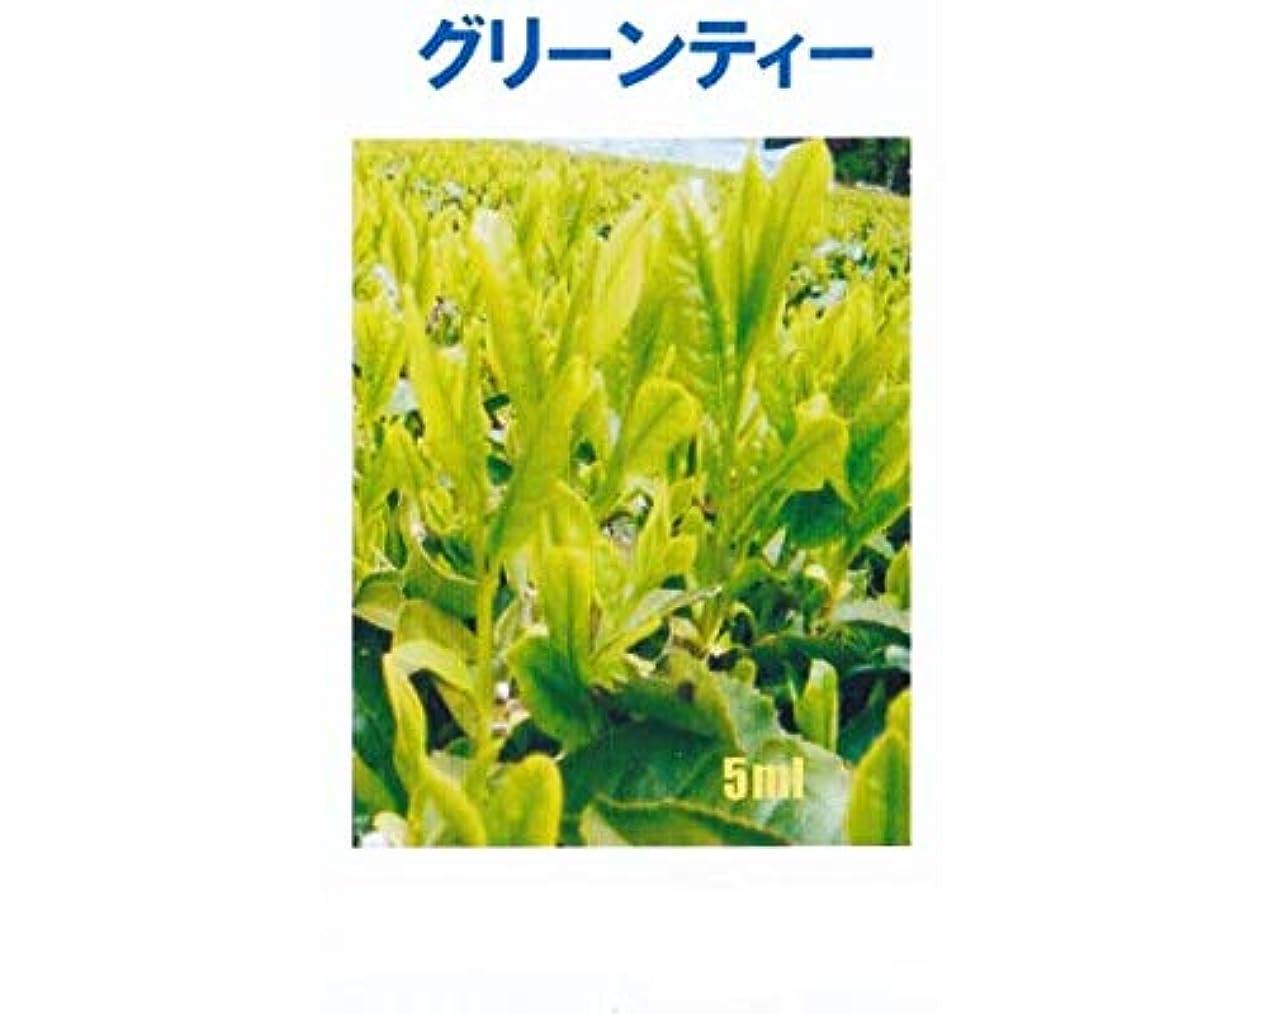 めんどり最初に個性アロマオイル グリーンティー 5ml エッセンシャルオイル 100%天然成分